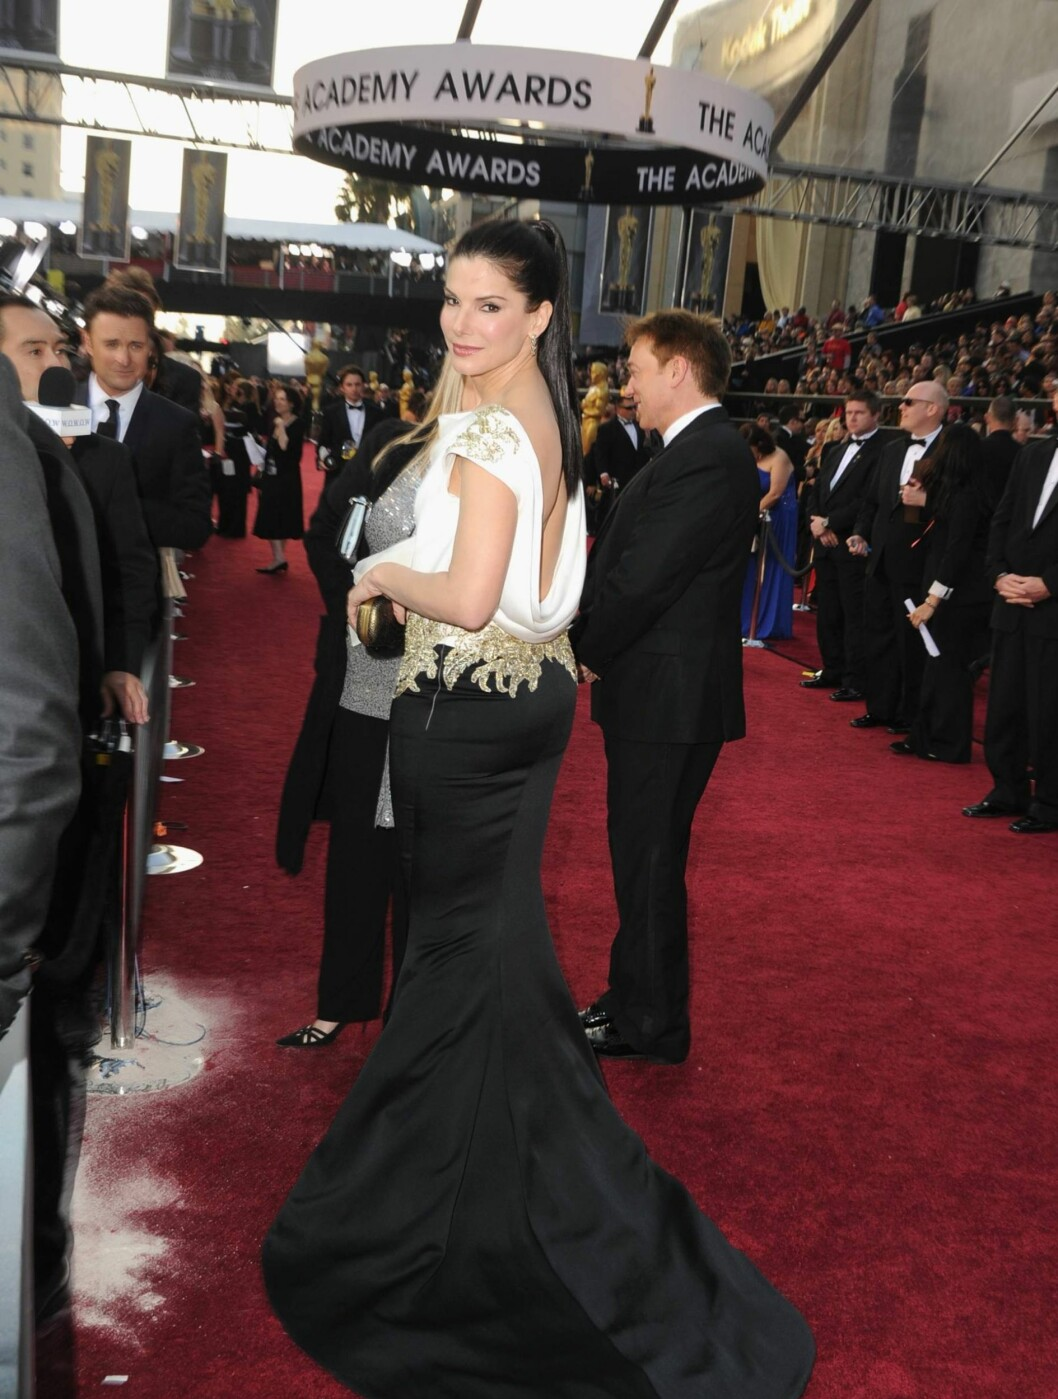 SEXY PRIS: Sandra Bullock fortalte at hun skulle ha det sexy under Oscar-utdelingen. Hun kom i en sort og hvit kjole fra Marchesa med en av vårens største trender - åpen rygg.  Foto: All Over Press